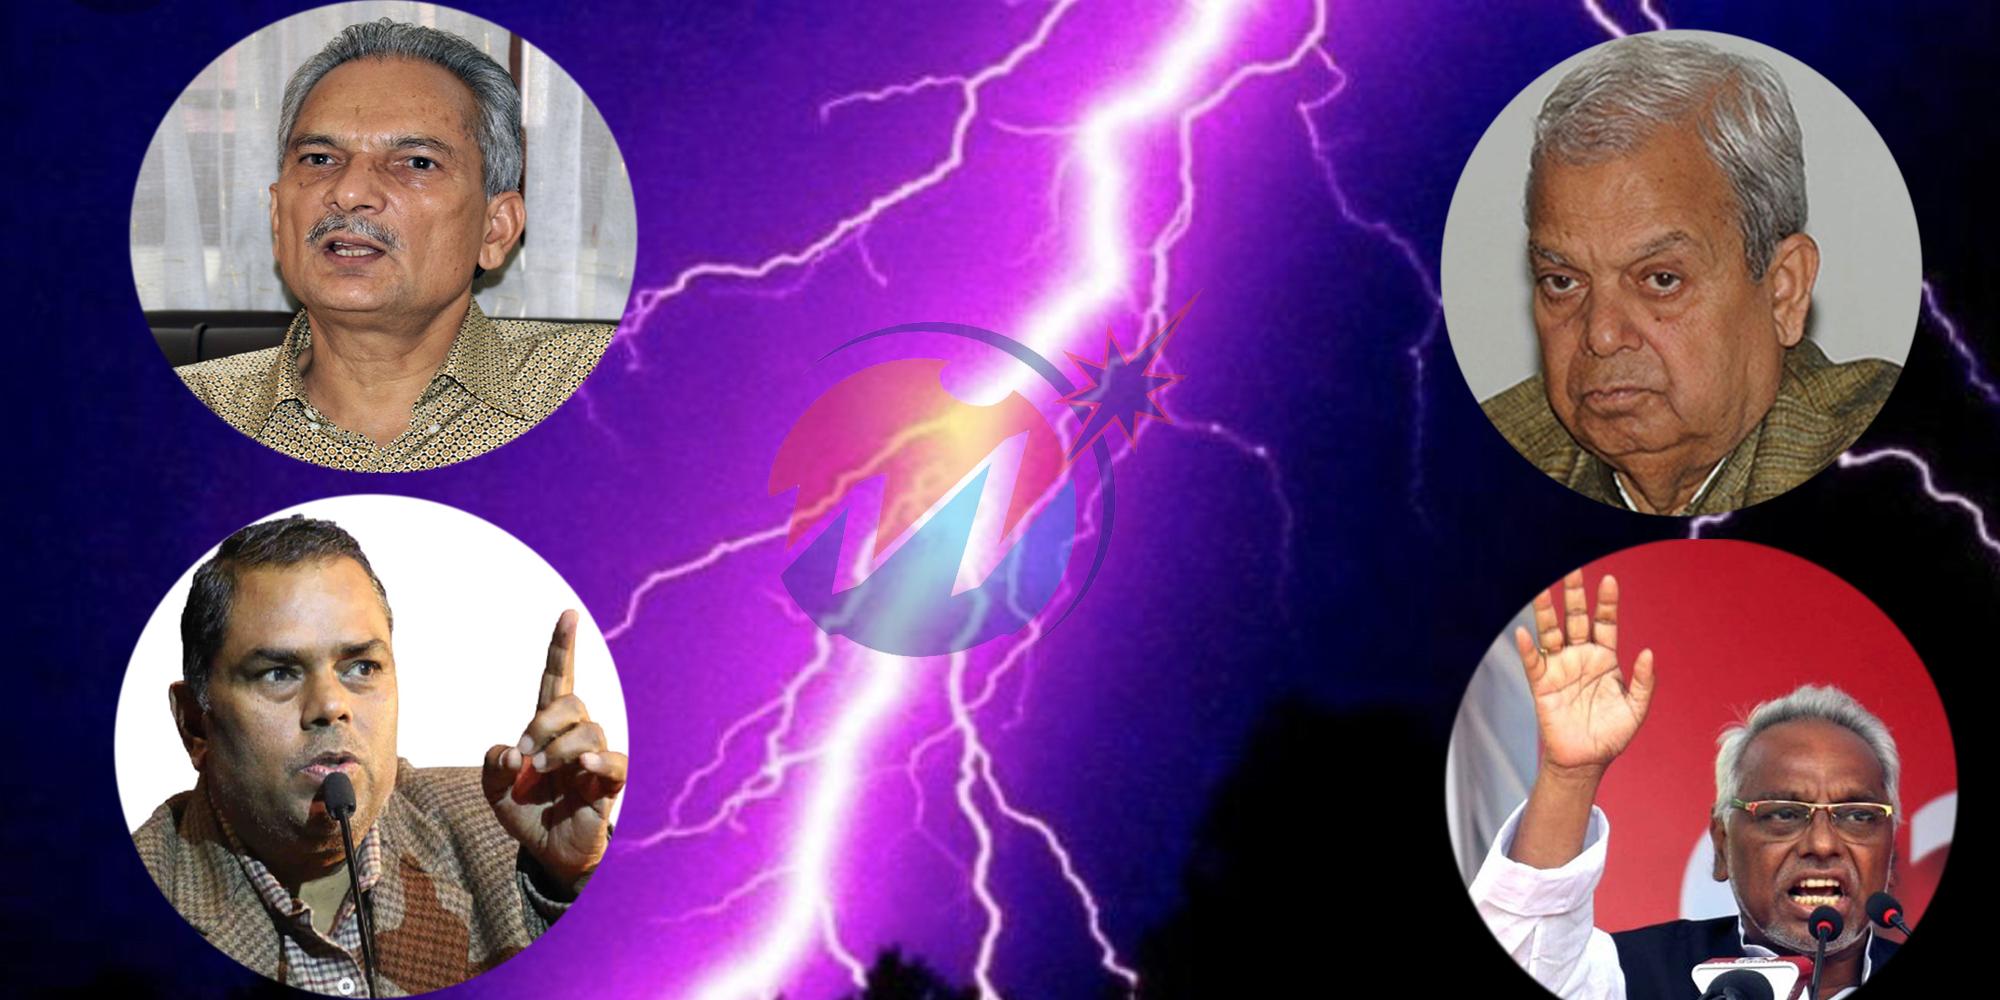 वैकल्पिक सरकार गठनकाे विषयलाई लिएर जसपामा भाँडभैलाे !